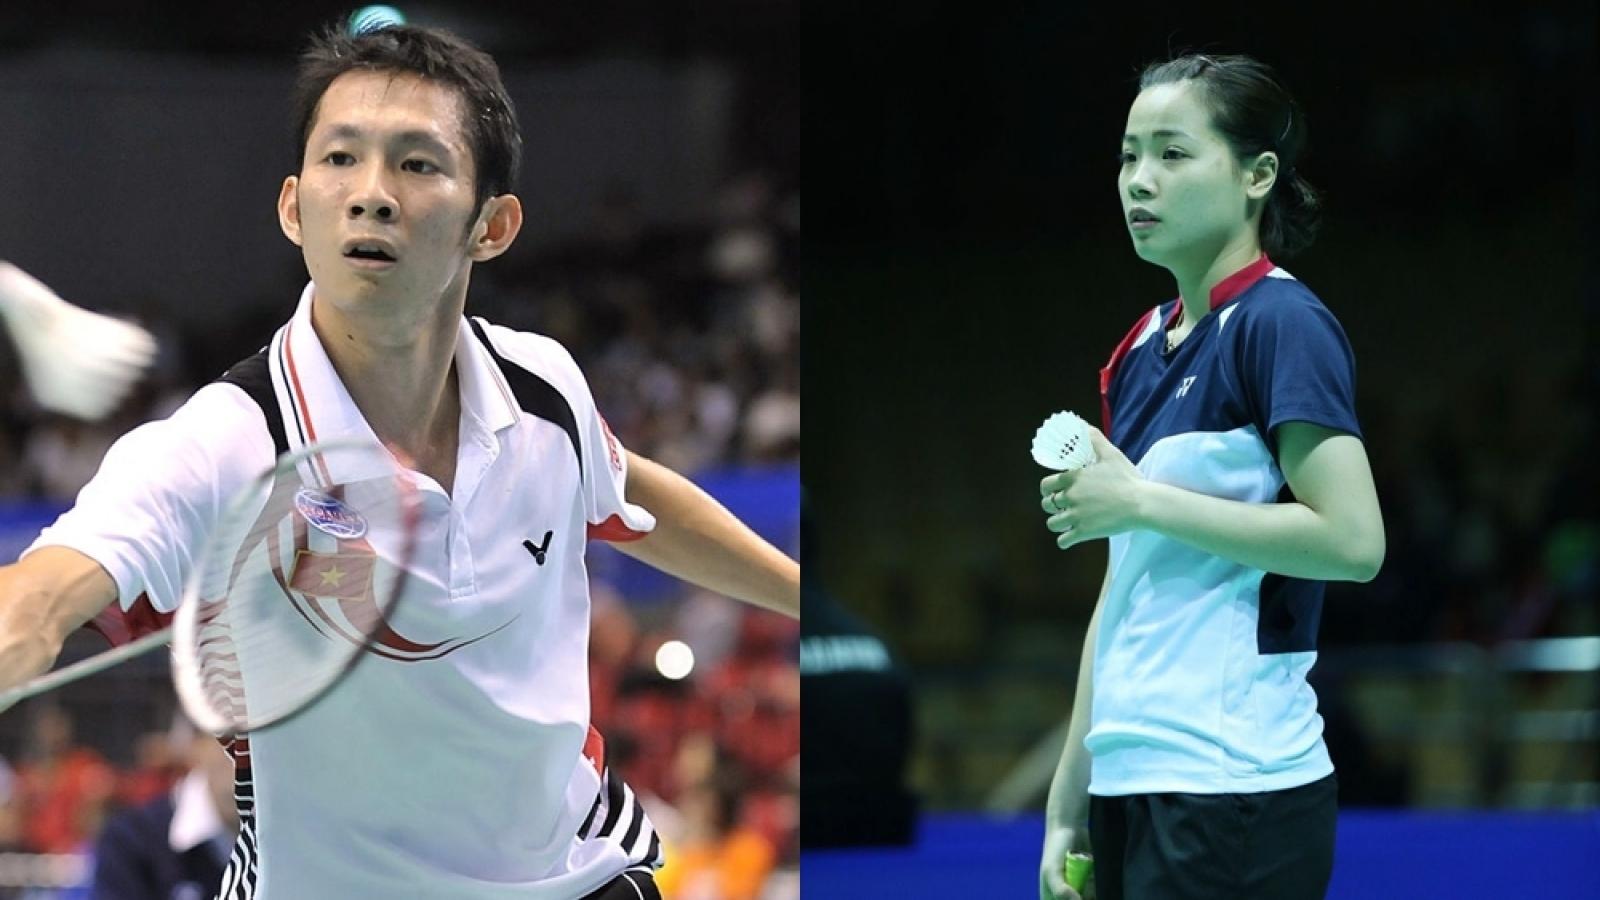 Nguyễn Tiến Minh và Nguyễn Thùy Linh có vé dự Olympic Tokyo